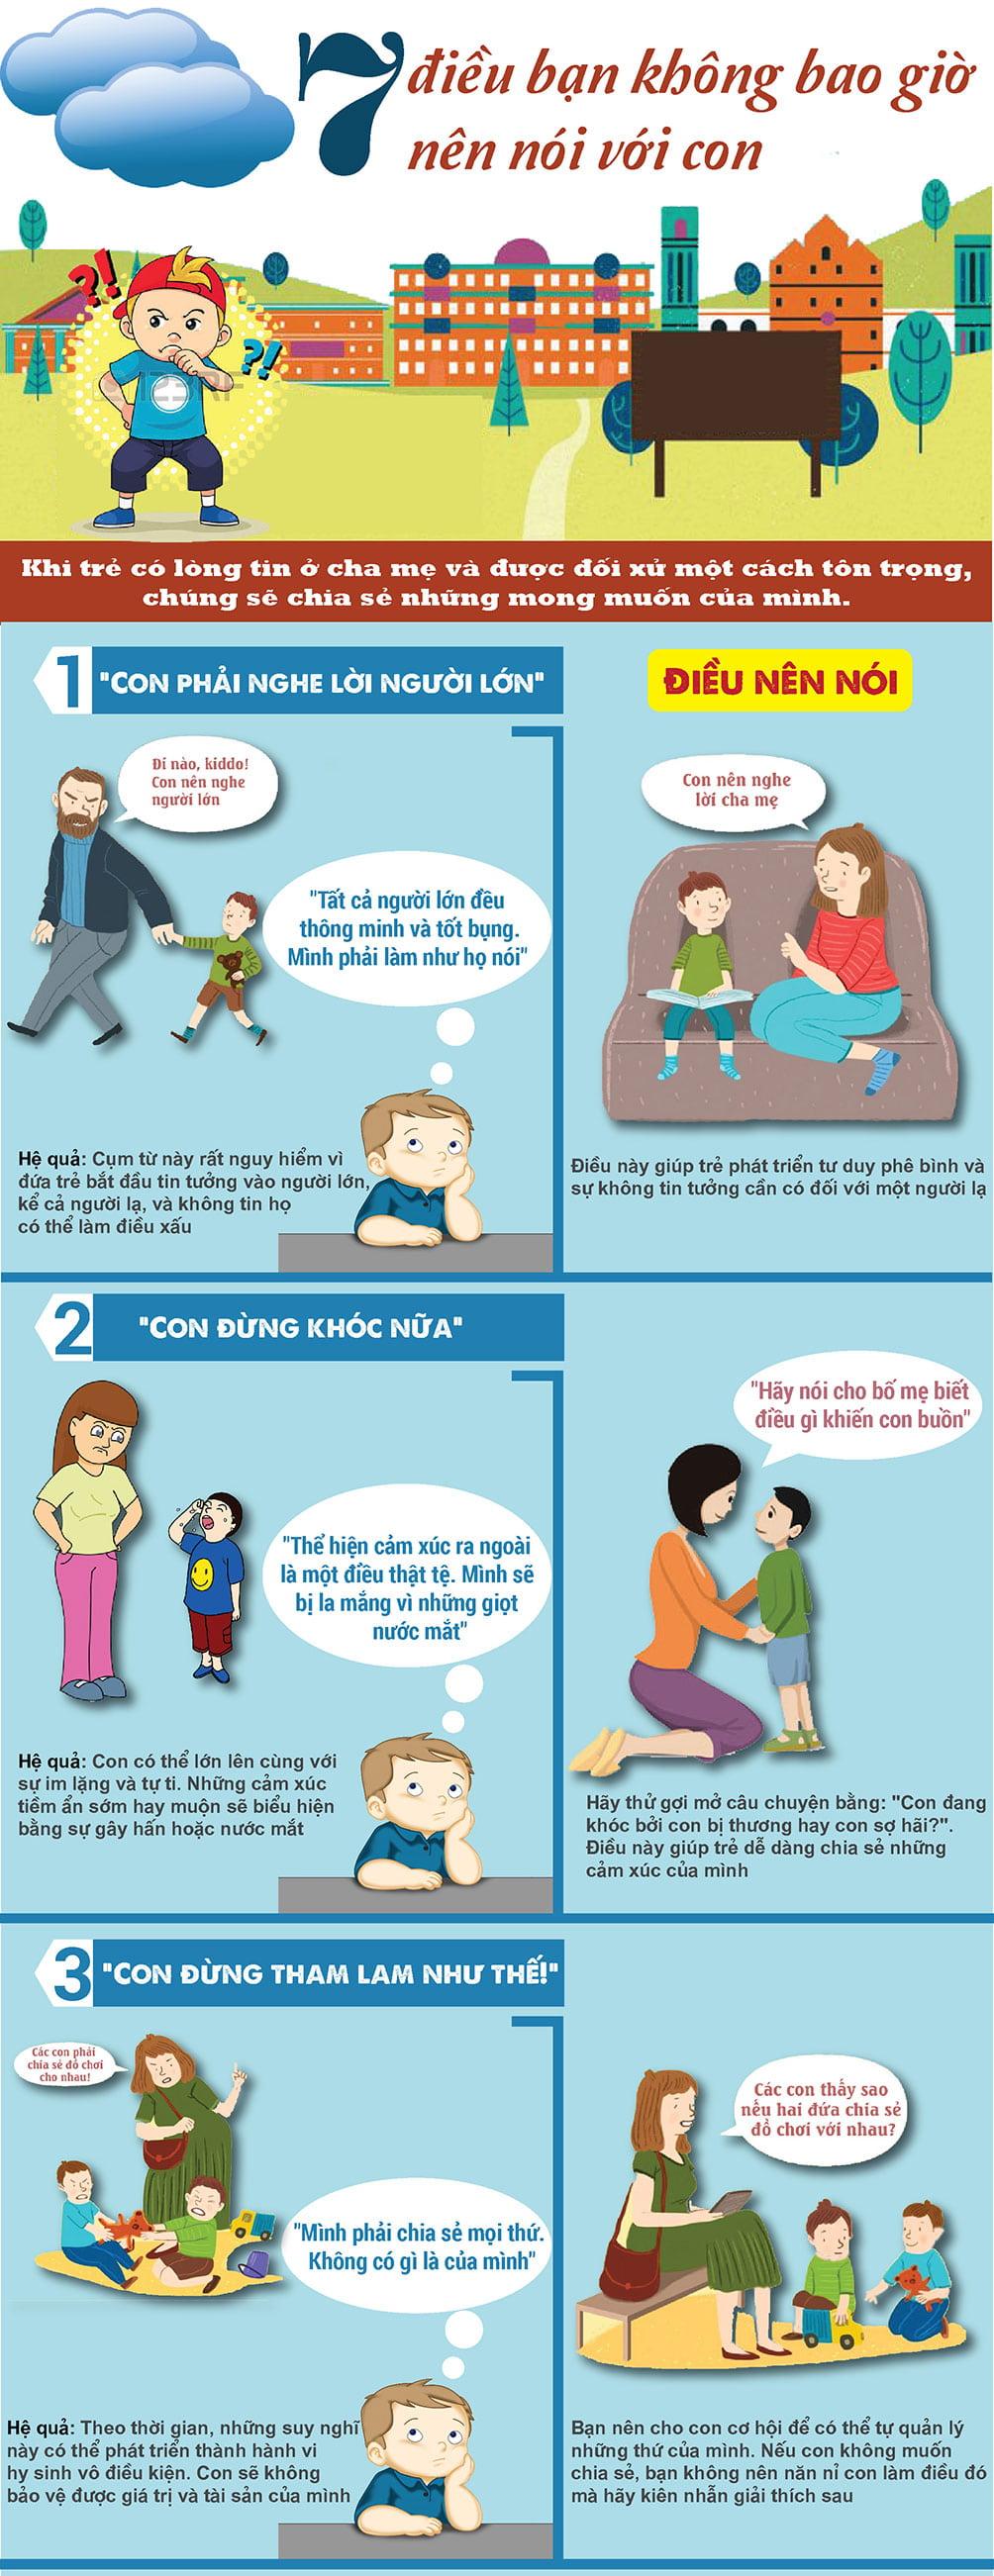 7 điều cha mẹ tuyệt đối tránh nói làm tổn thương trẻ - 1